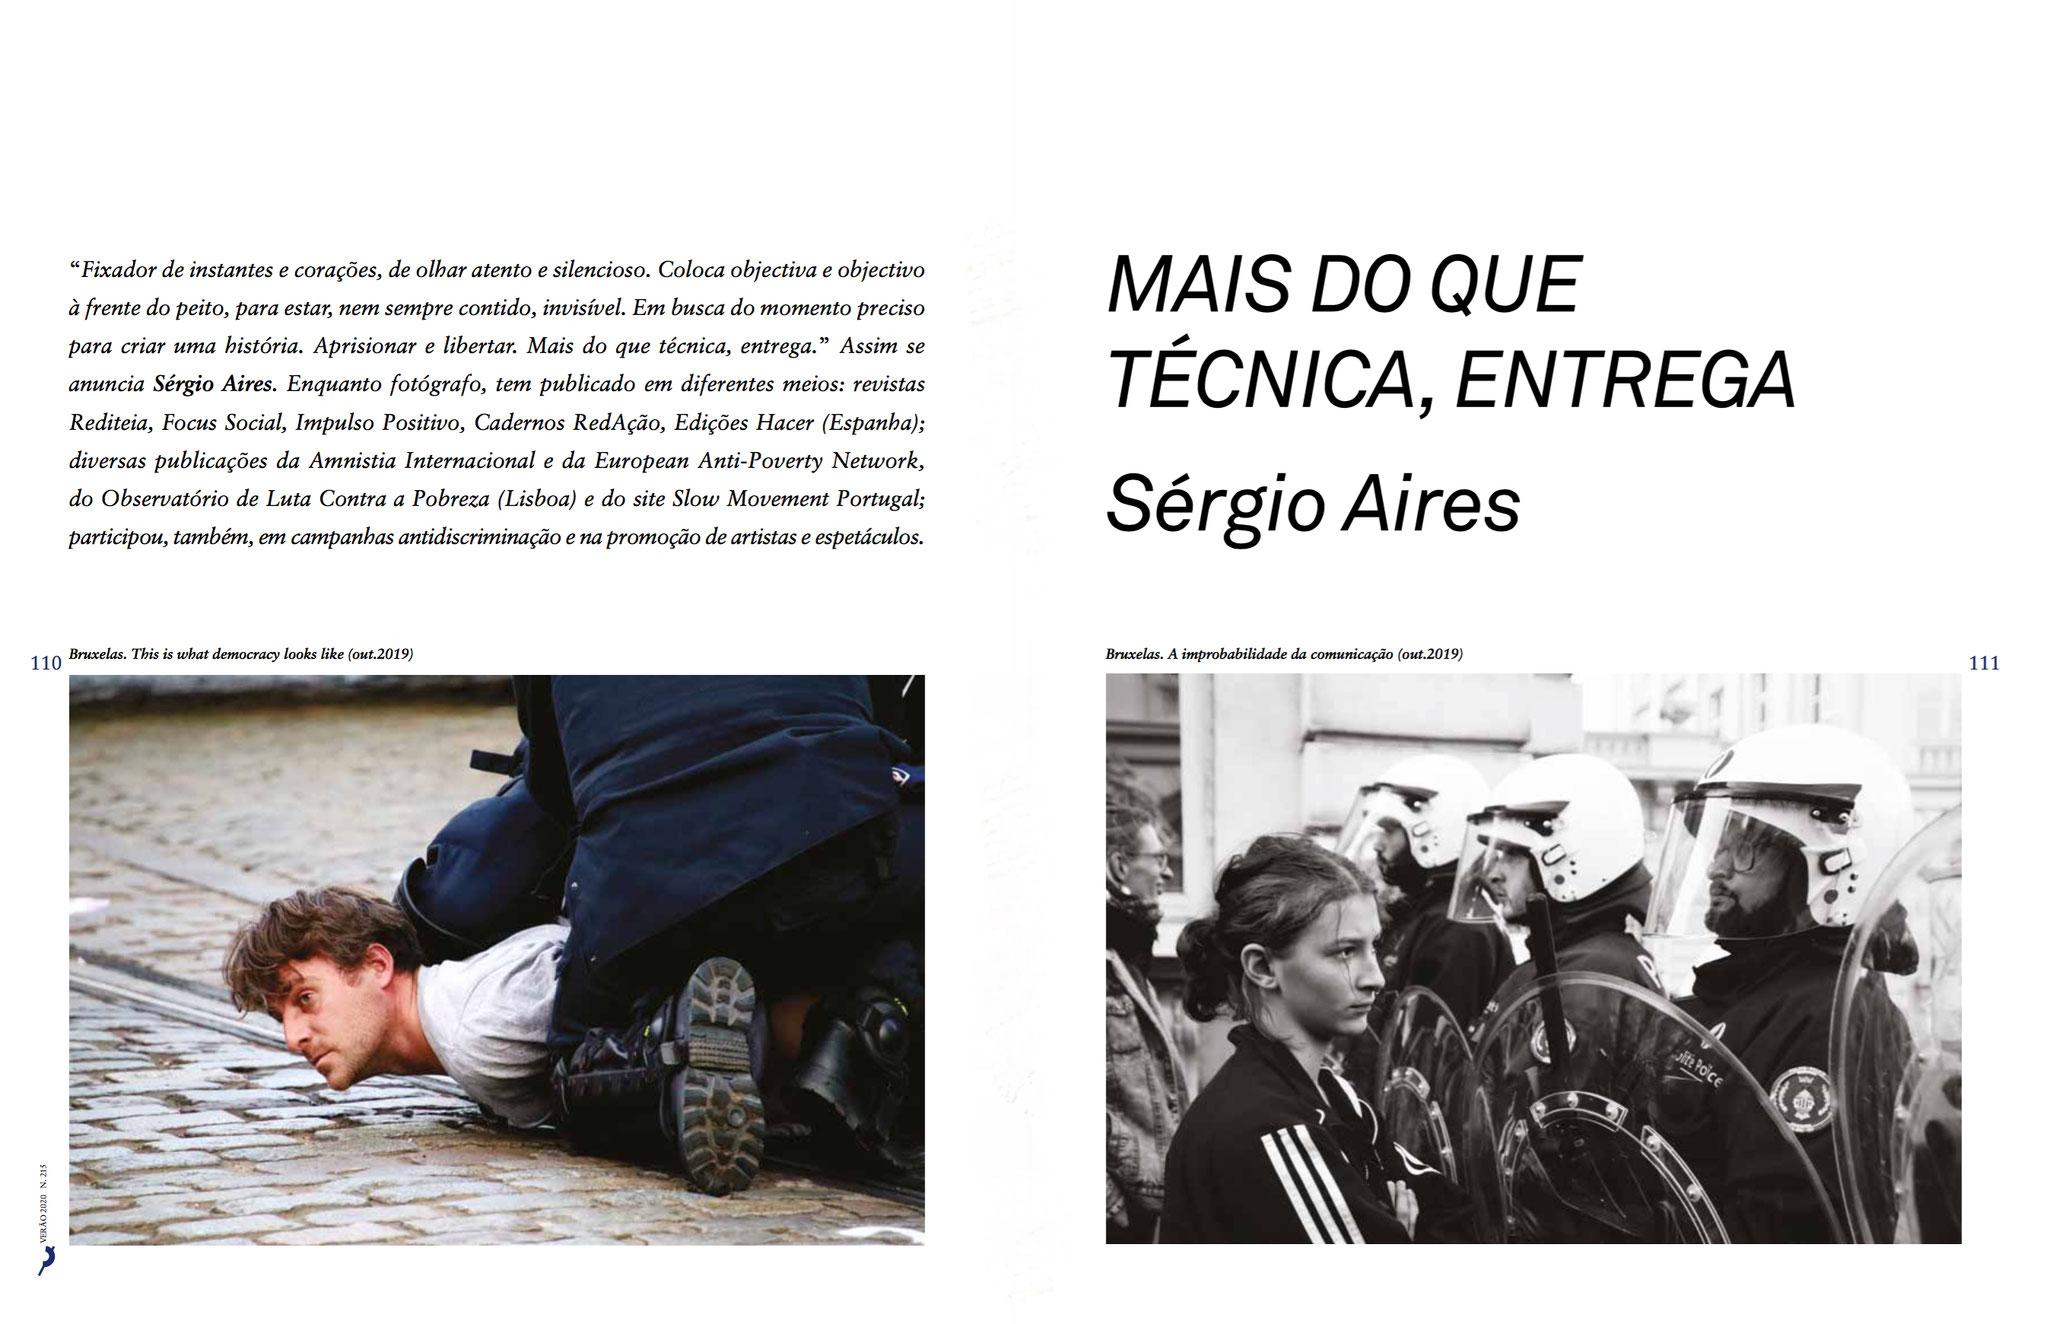 Portfólio na revista Página da Educação, n.º 215 - Verão 2020